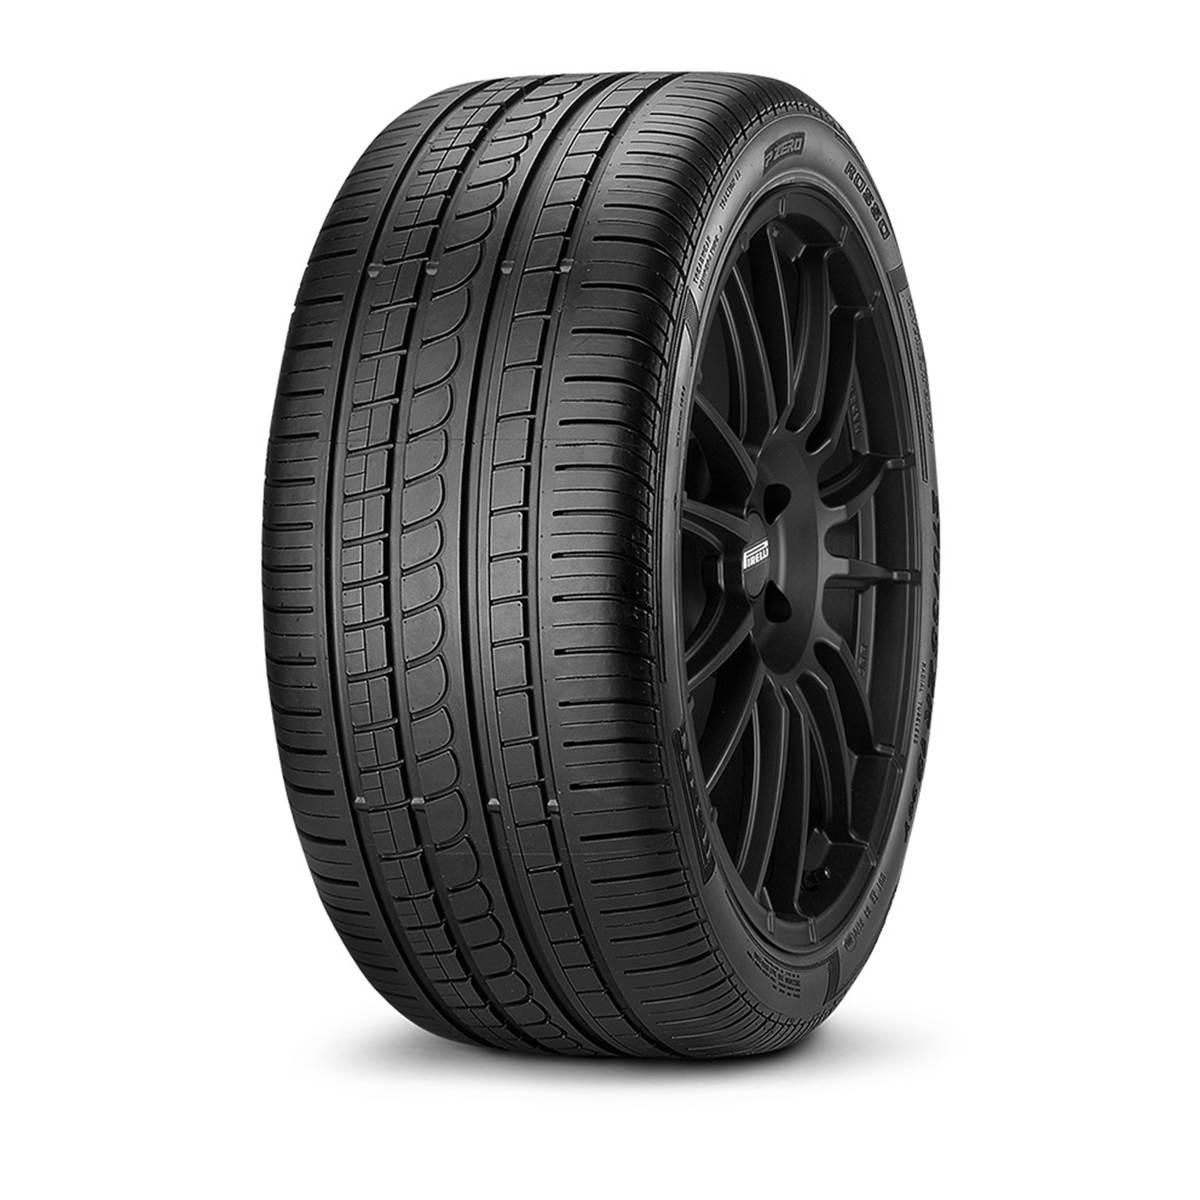 Pneu Pirelli 195/40R17 81W Pzero Nero (Gt) XL